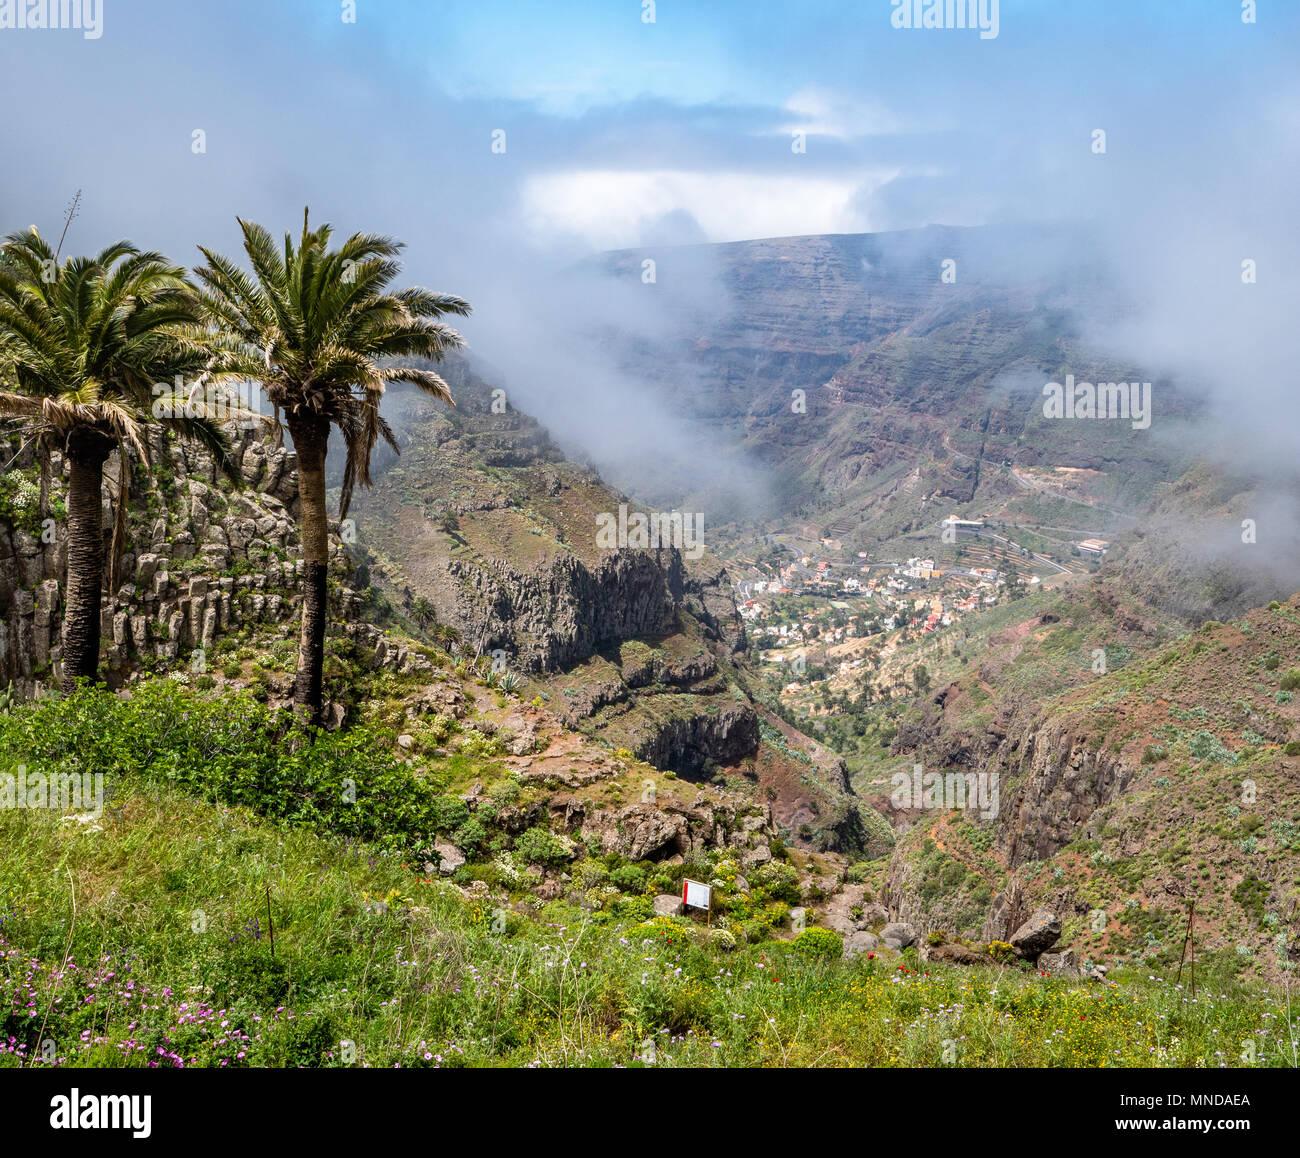 Sie suchen den Barranco del Agua in Richtung der Dörfer des Valle Gran Rey weit unten auf der Insel La Gomera auf den Kanarischen Inseln Stockfoto